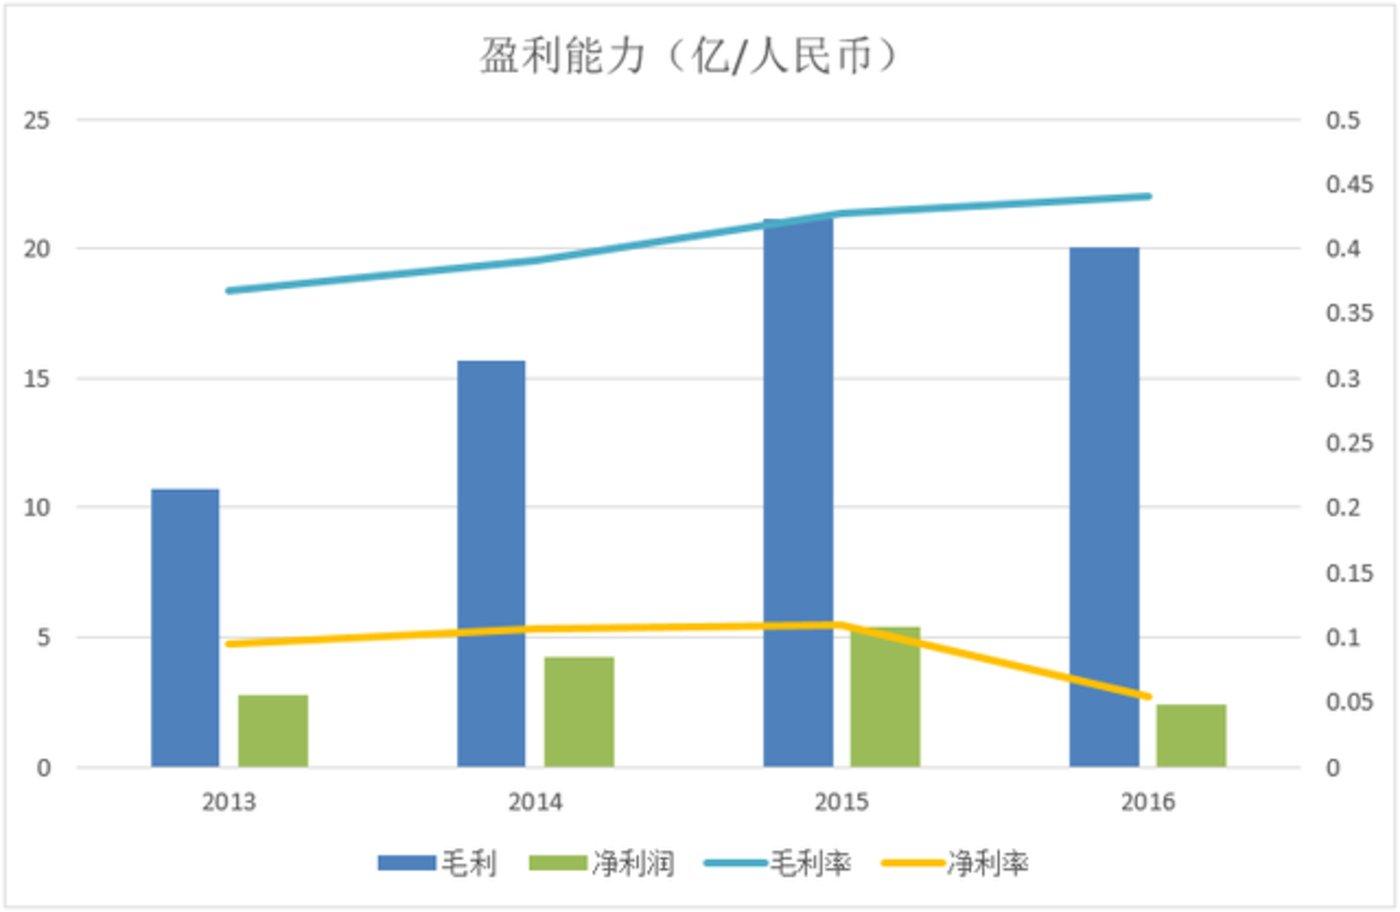 都市丽人2013-2016年盈利状况